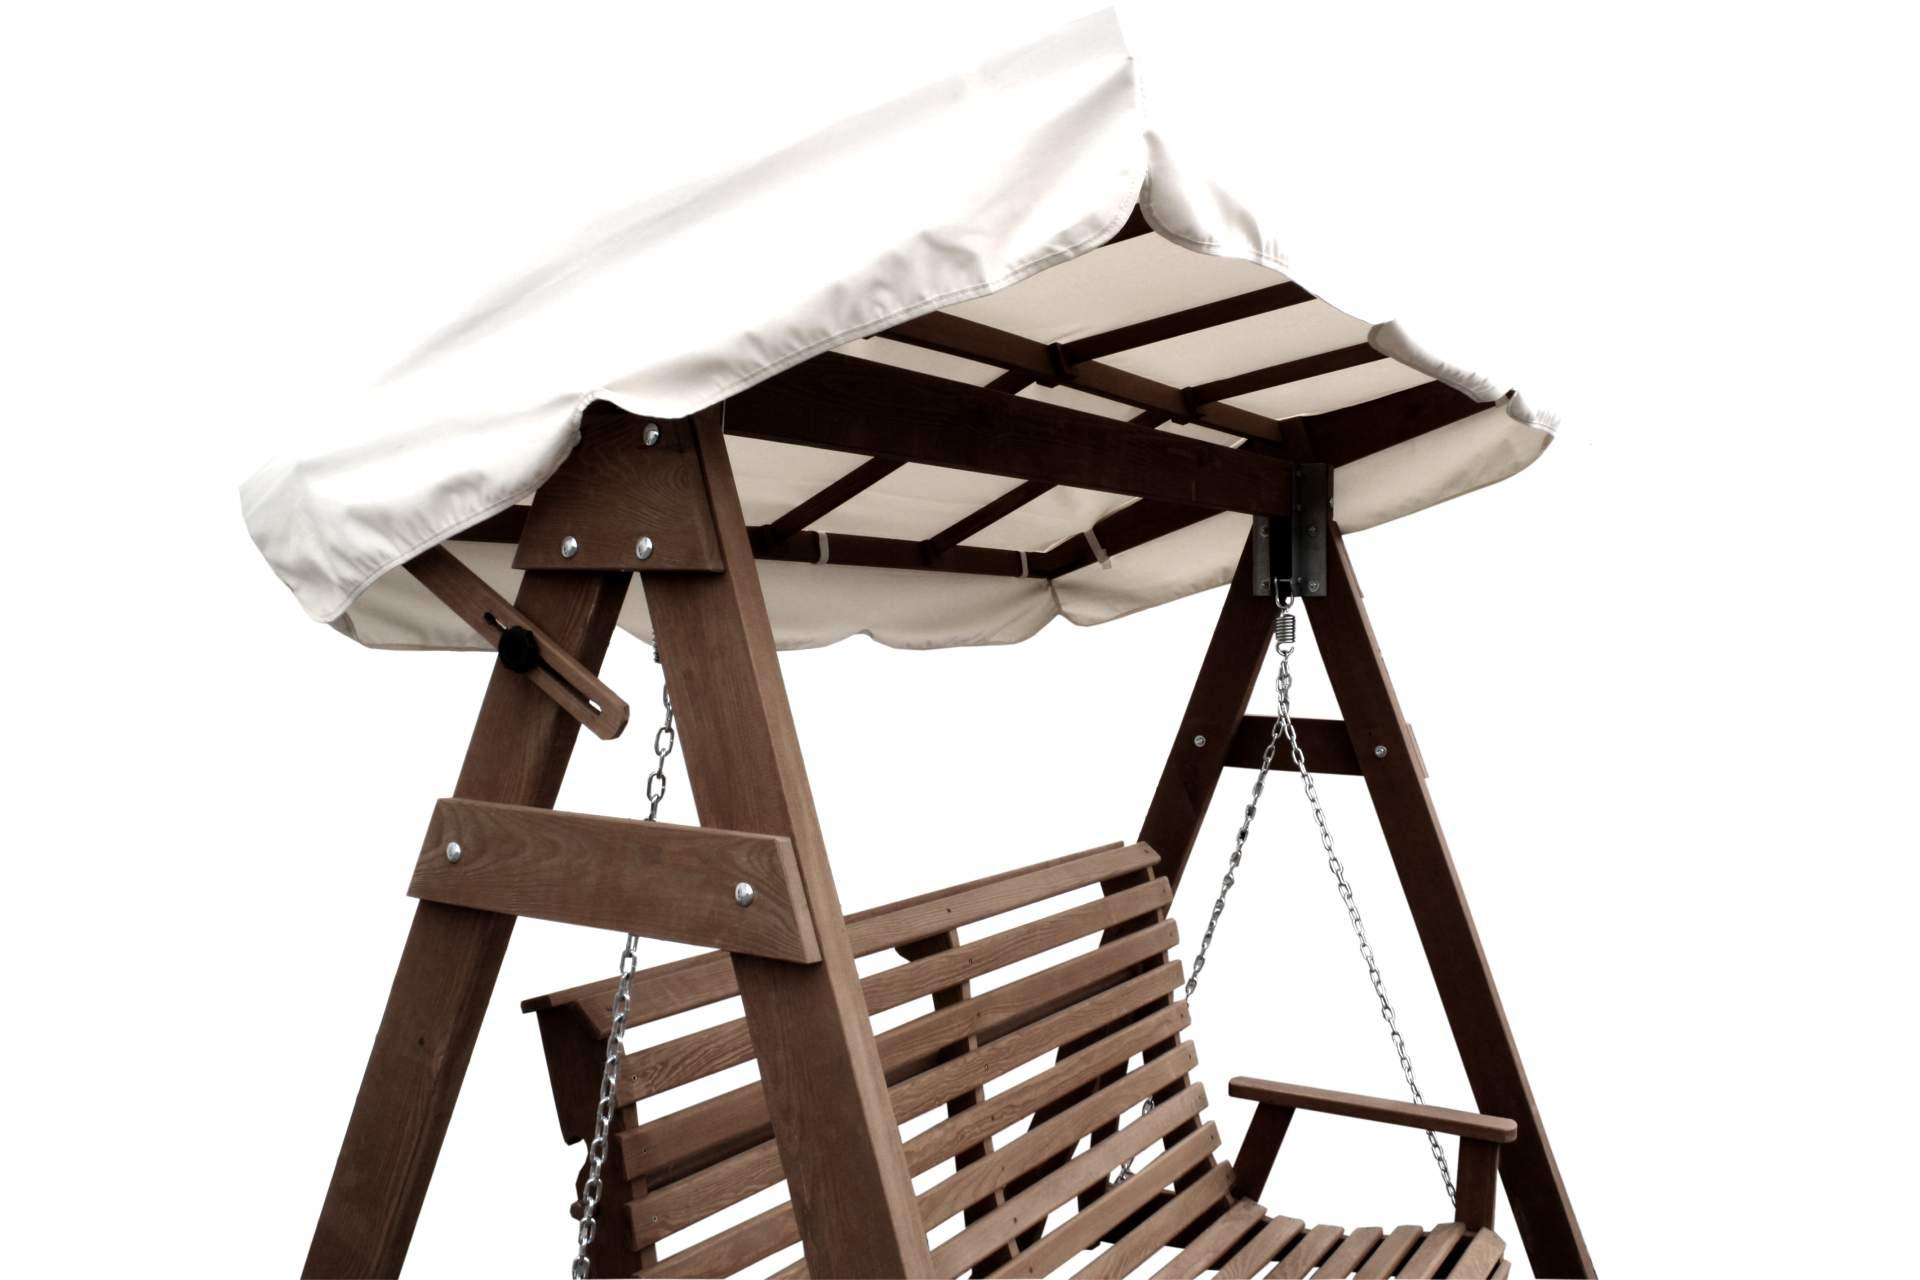 hollywoodschaukel mit dach kiefernholz eiche gebeizt. Black Bedroom Furniture Sets. Home Design Ideas